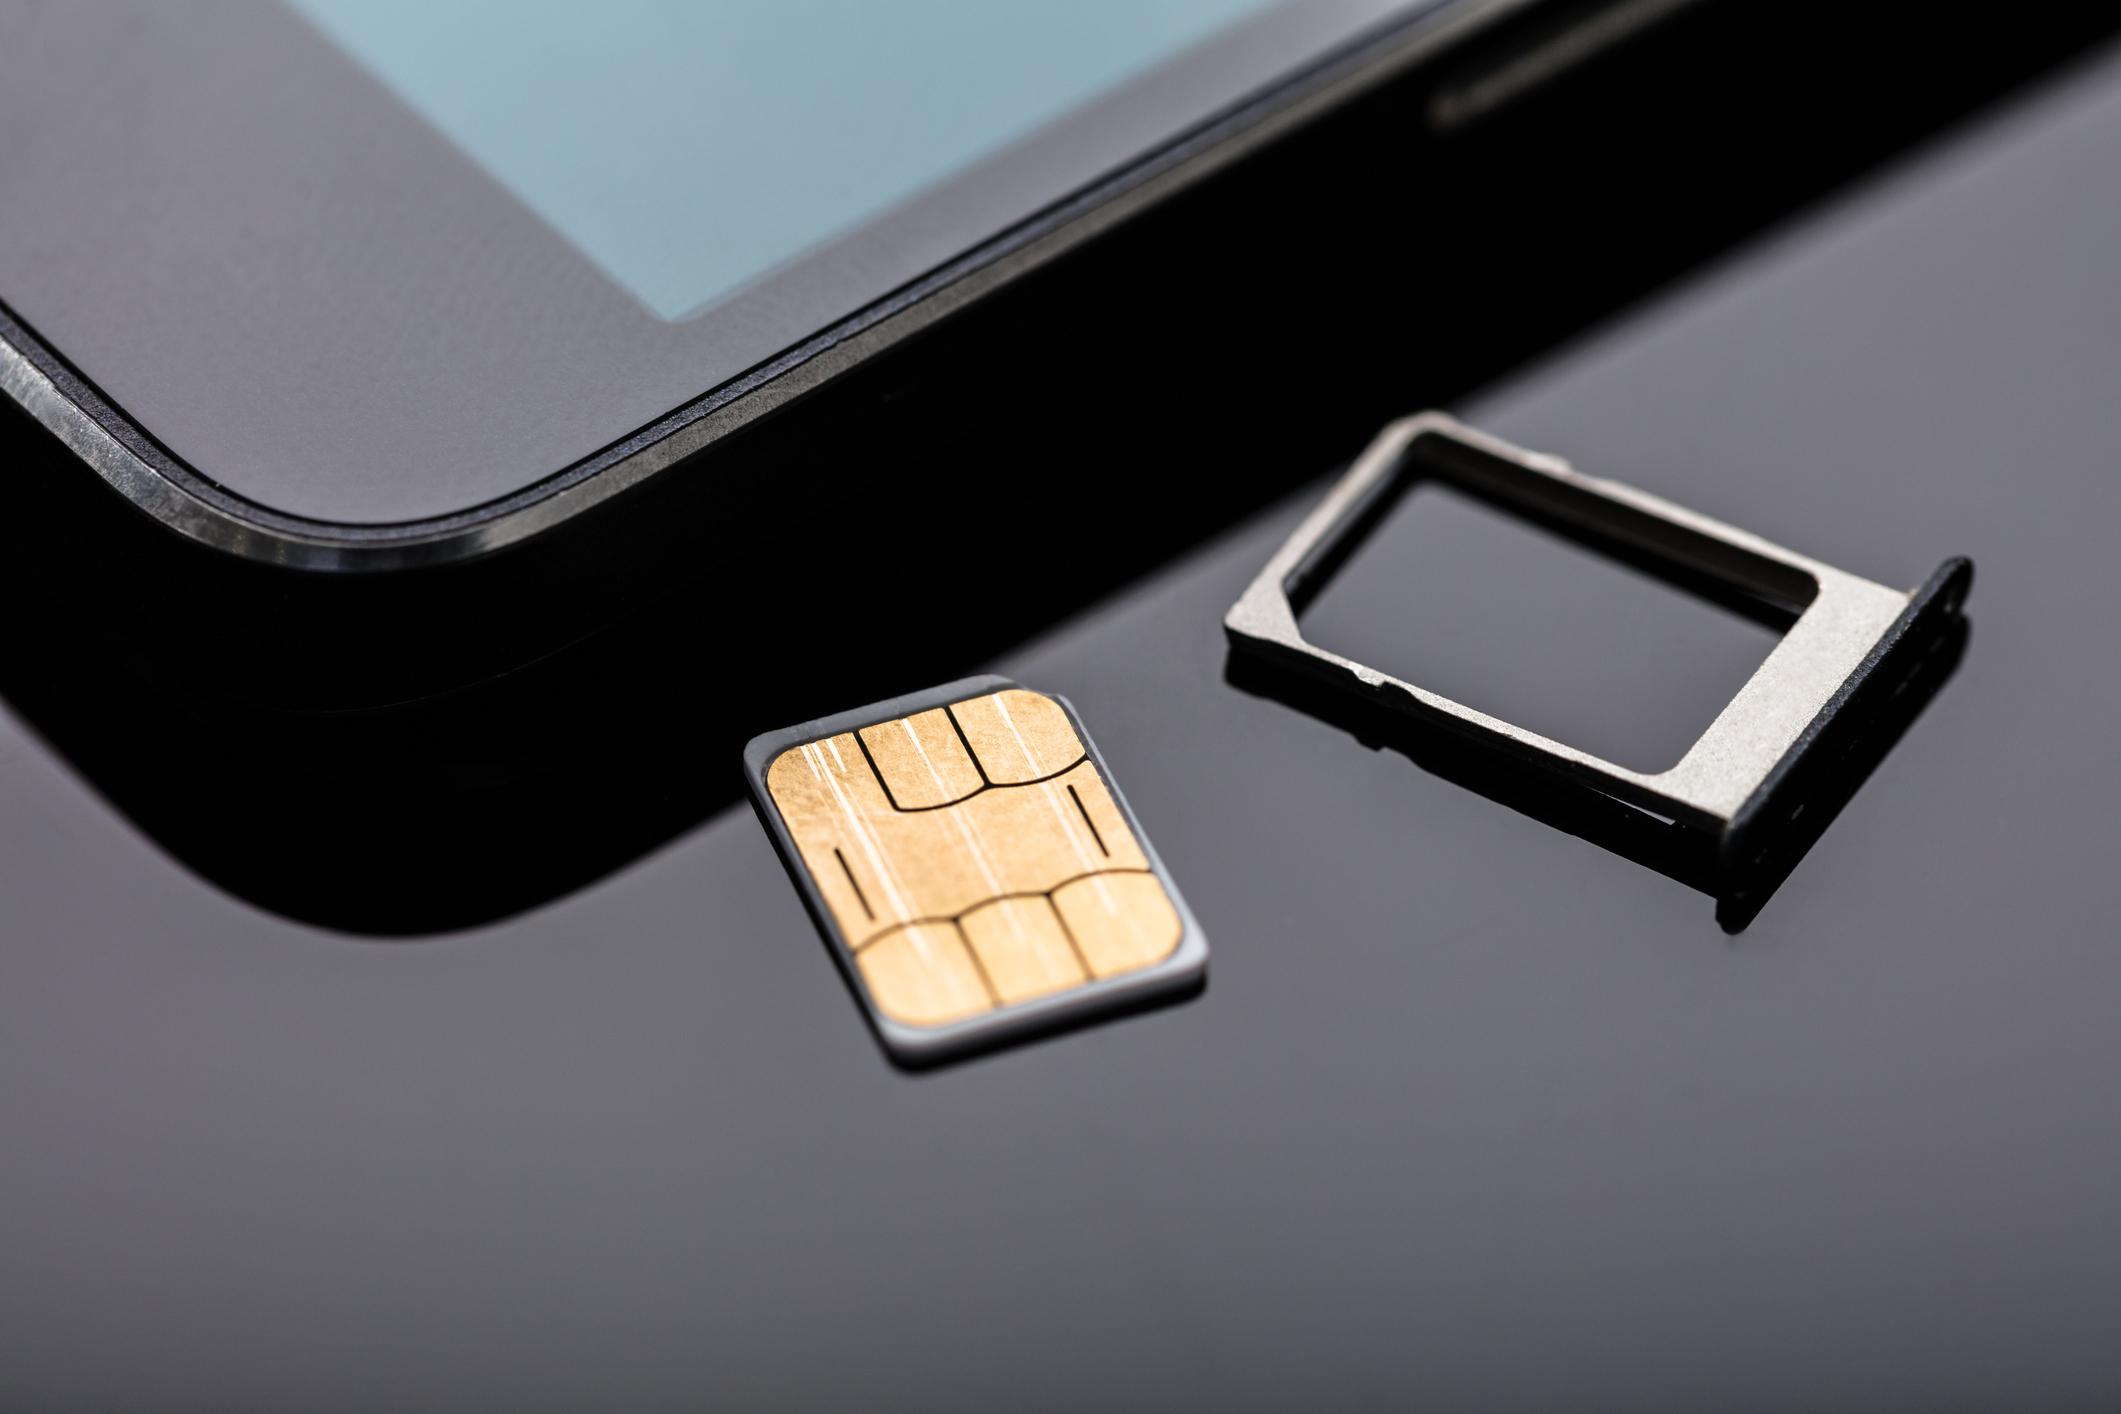 A SIM card.